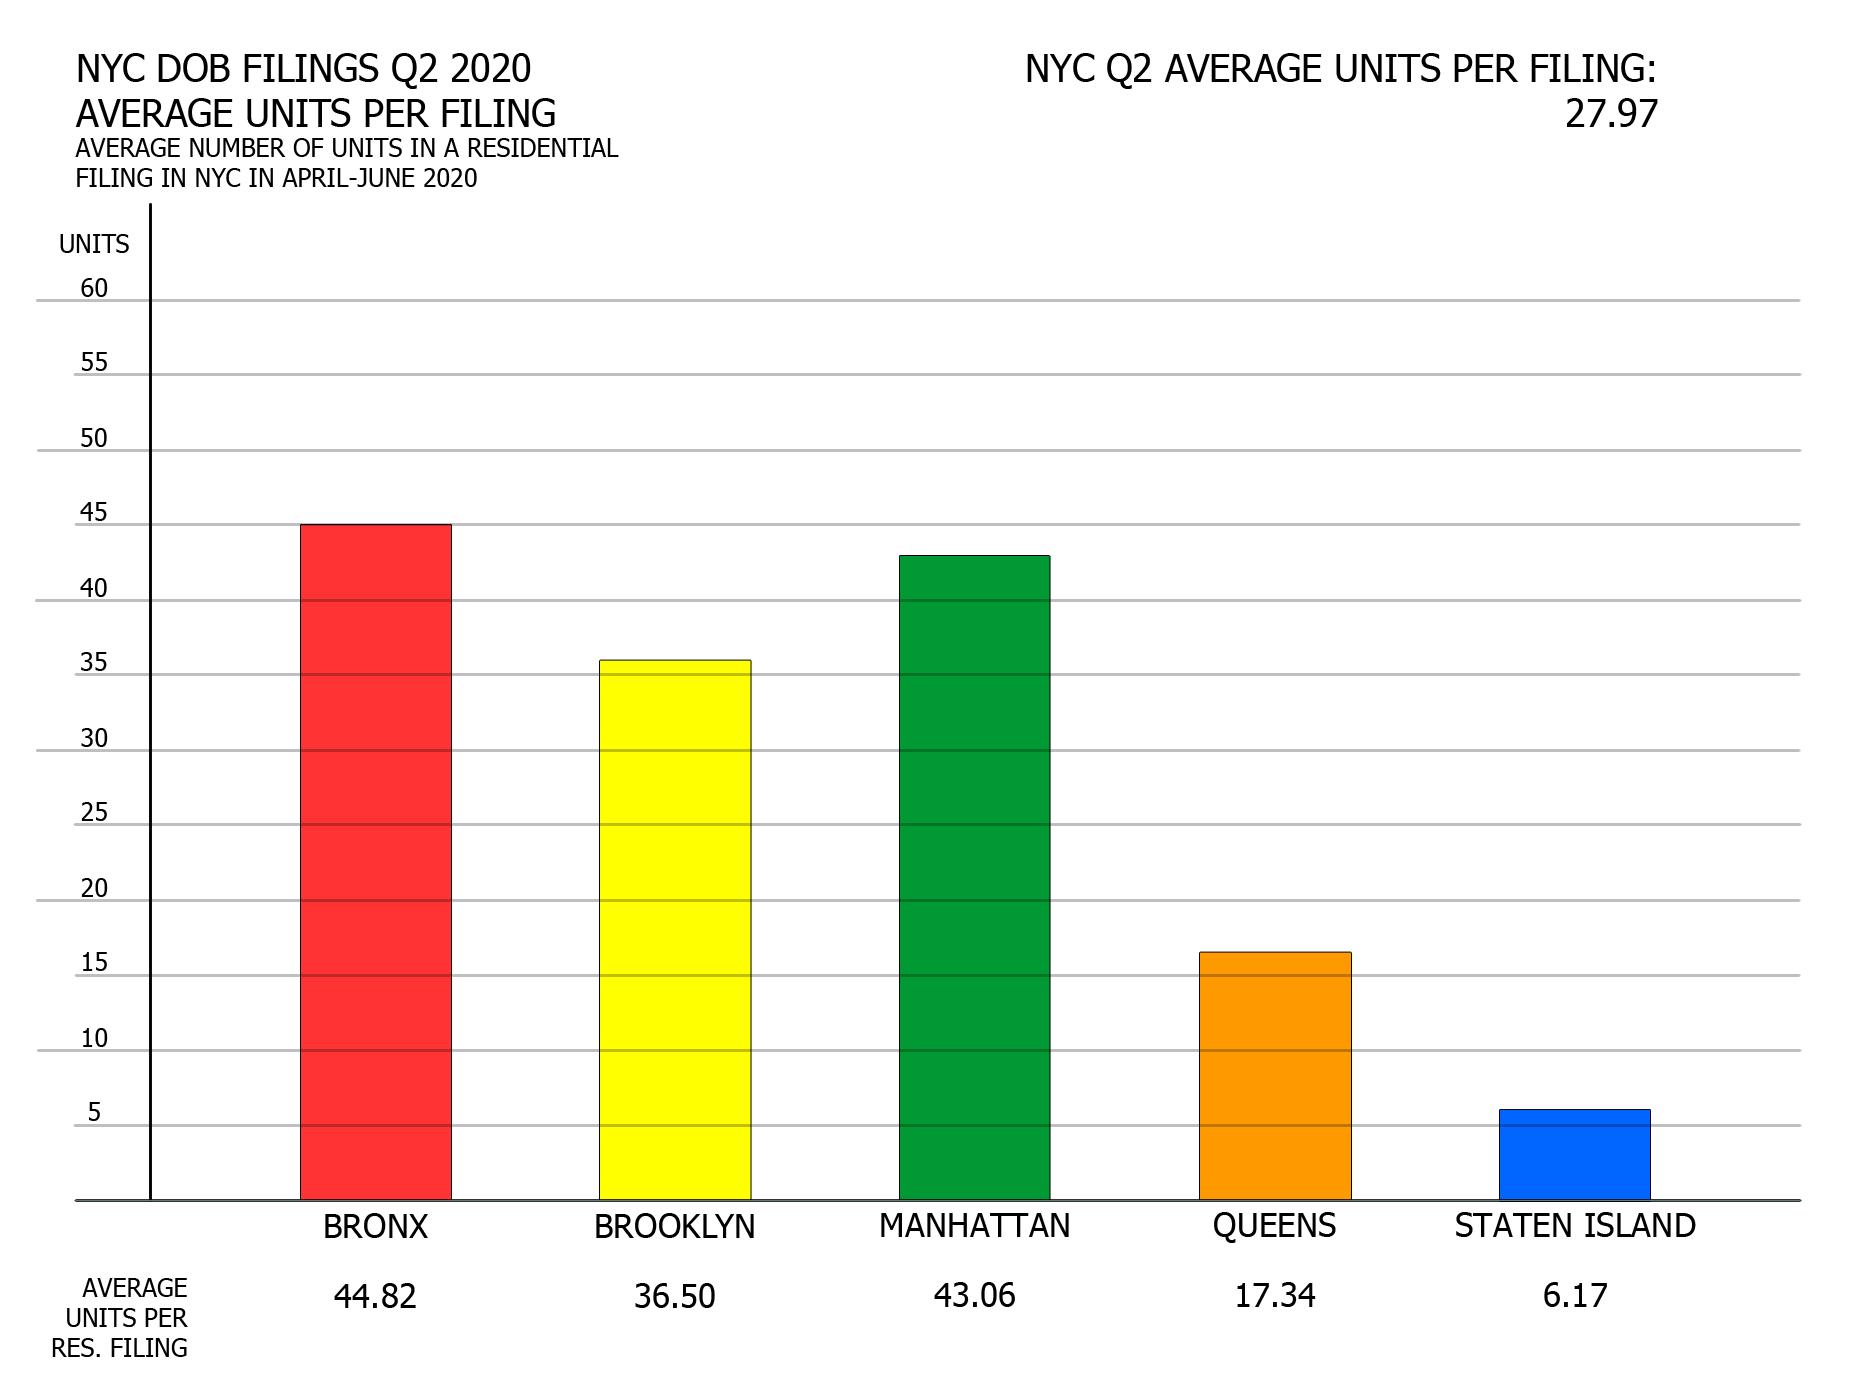 NYC Q2 2020 filings - Average number of units per residential filing per borough. Image credit: Vitali Ogorodnikov